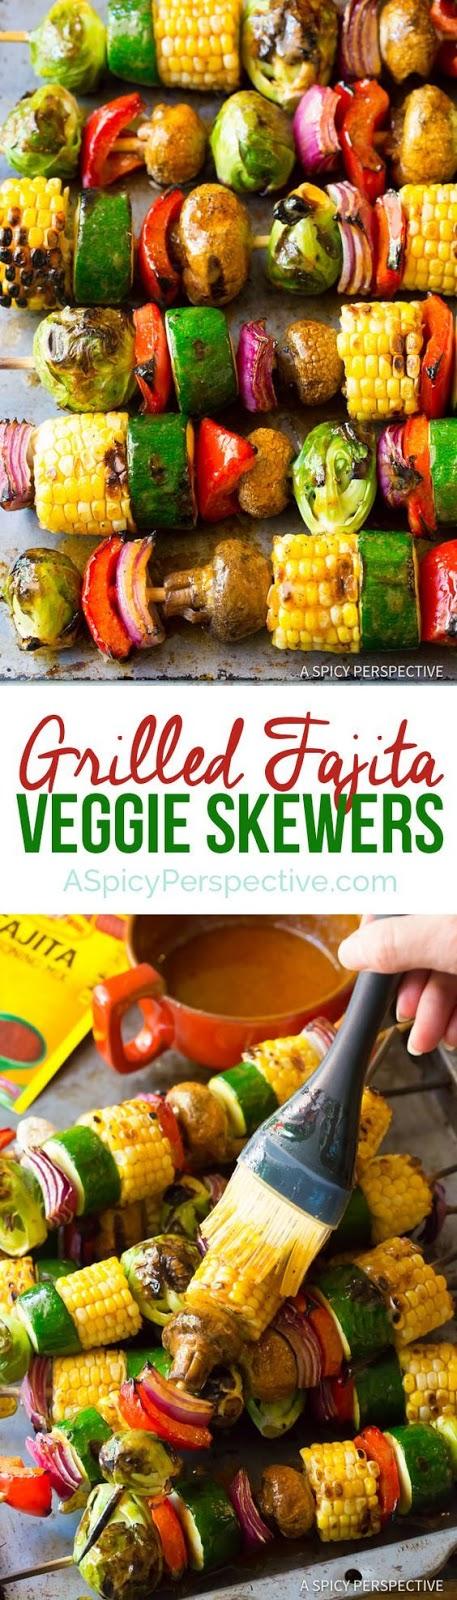 Grilled Fajita Vegetable Skewers